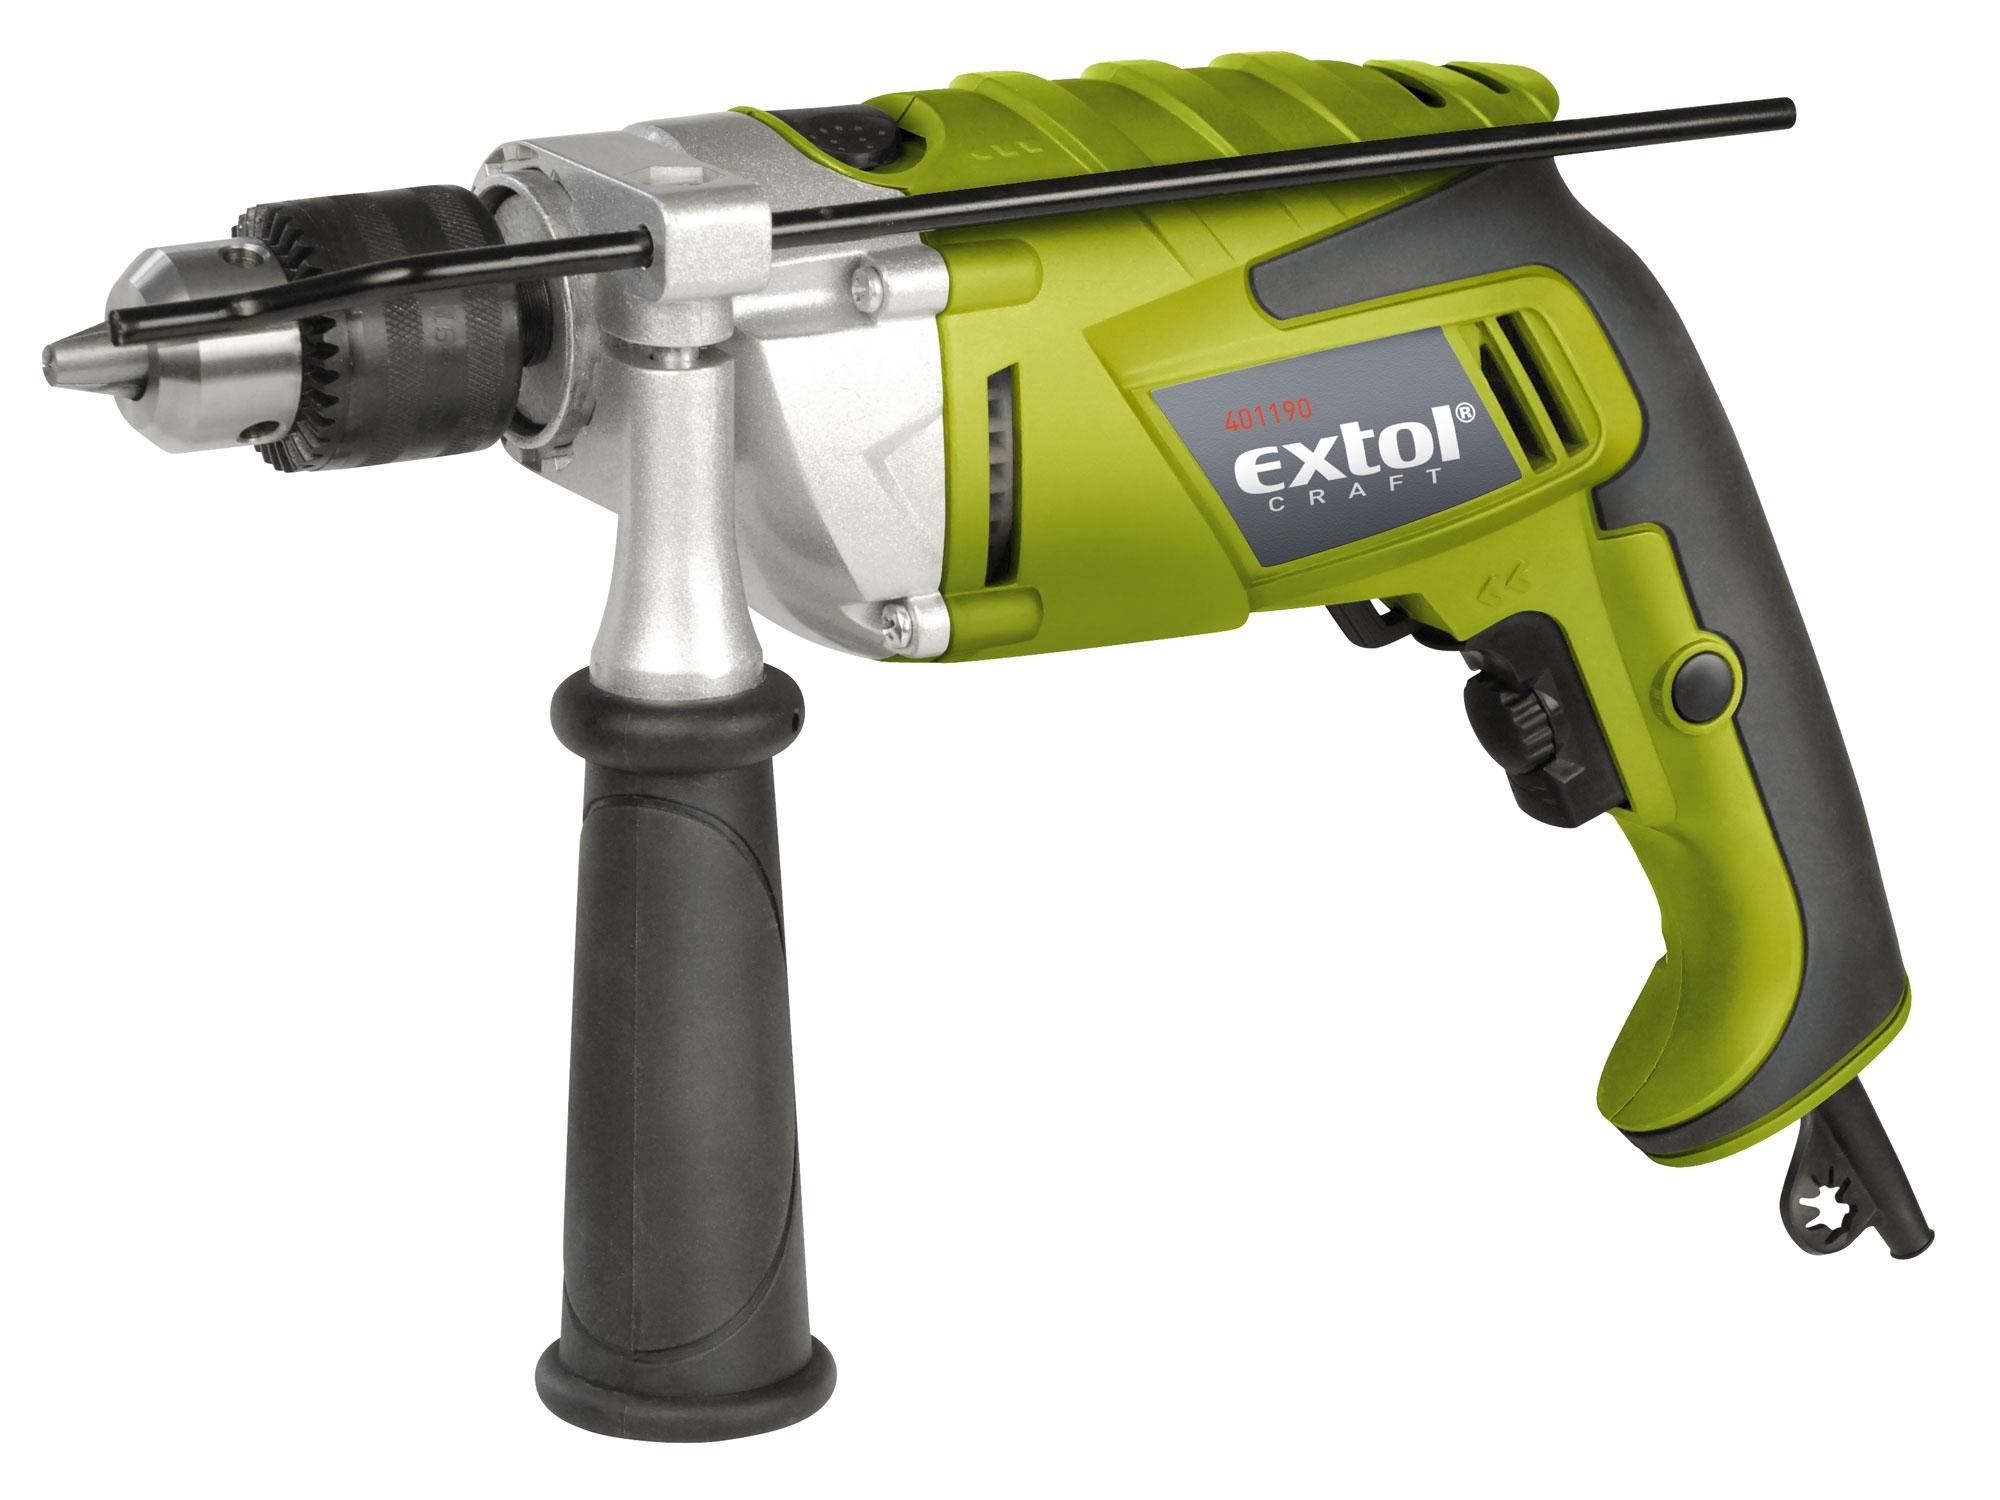 Vrtačka s příklepem 1100W, EXTOL Craft 401190